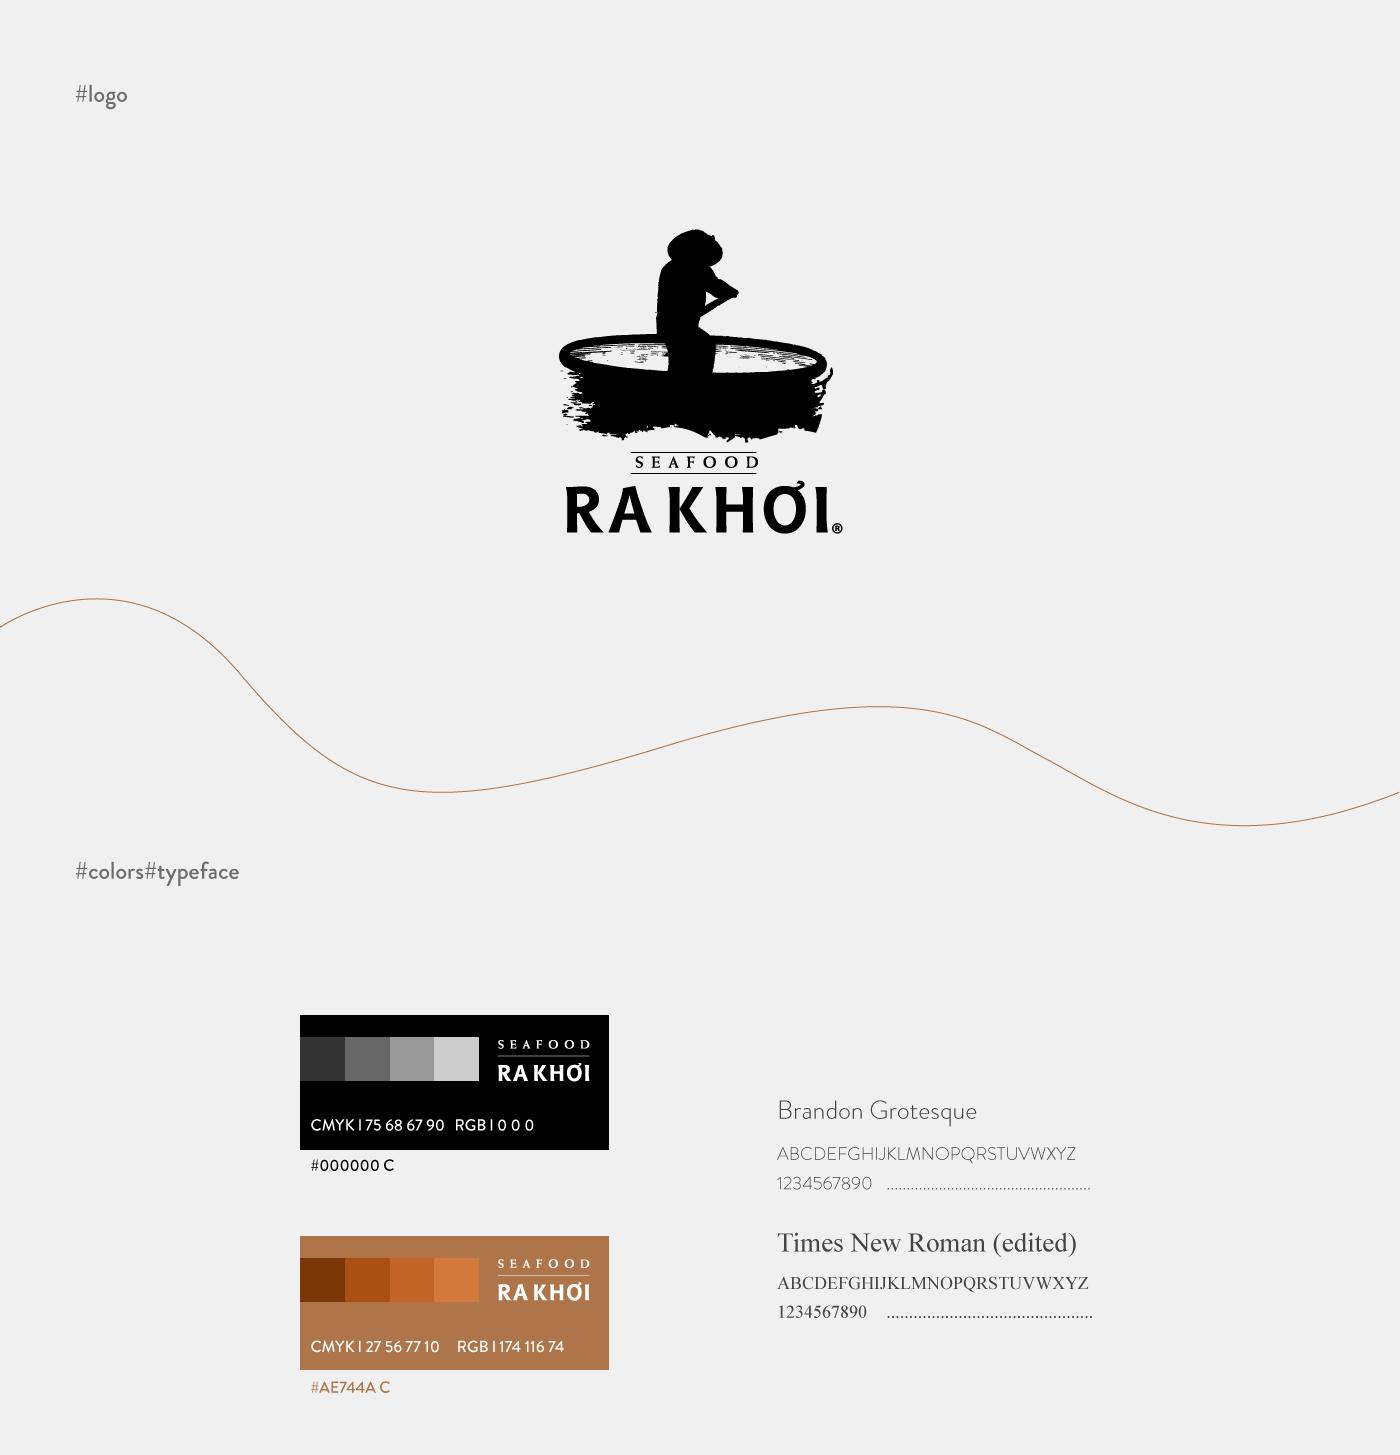 vietnam-packaging-ra-khoi-seafood-03